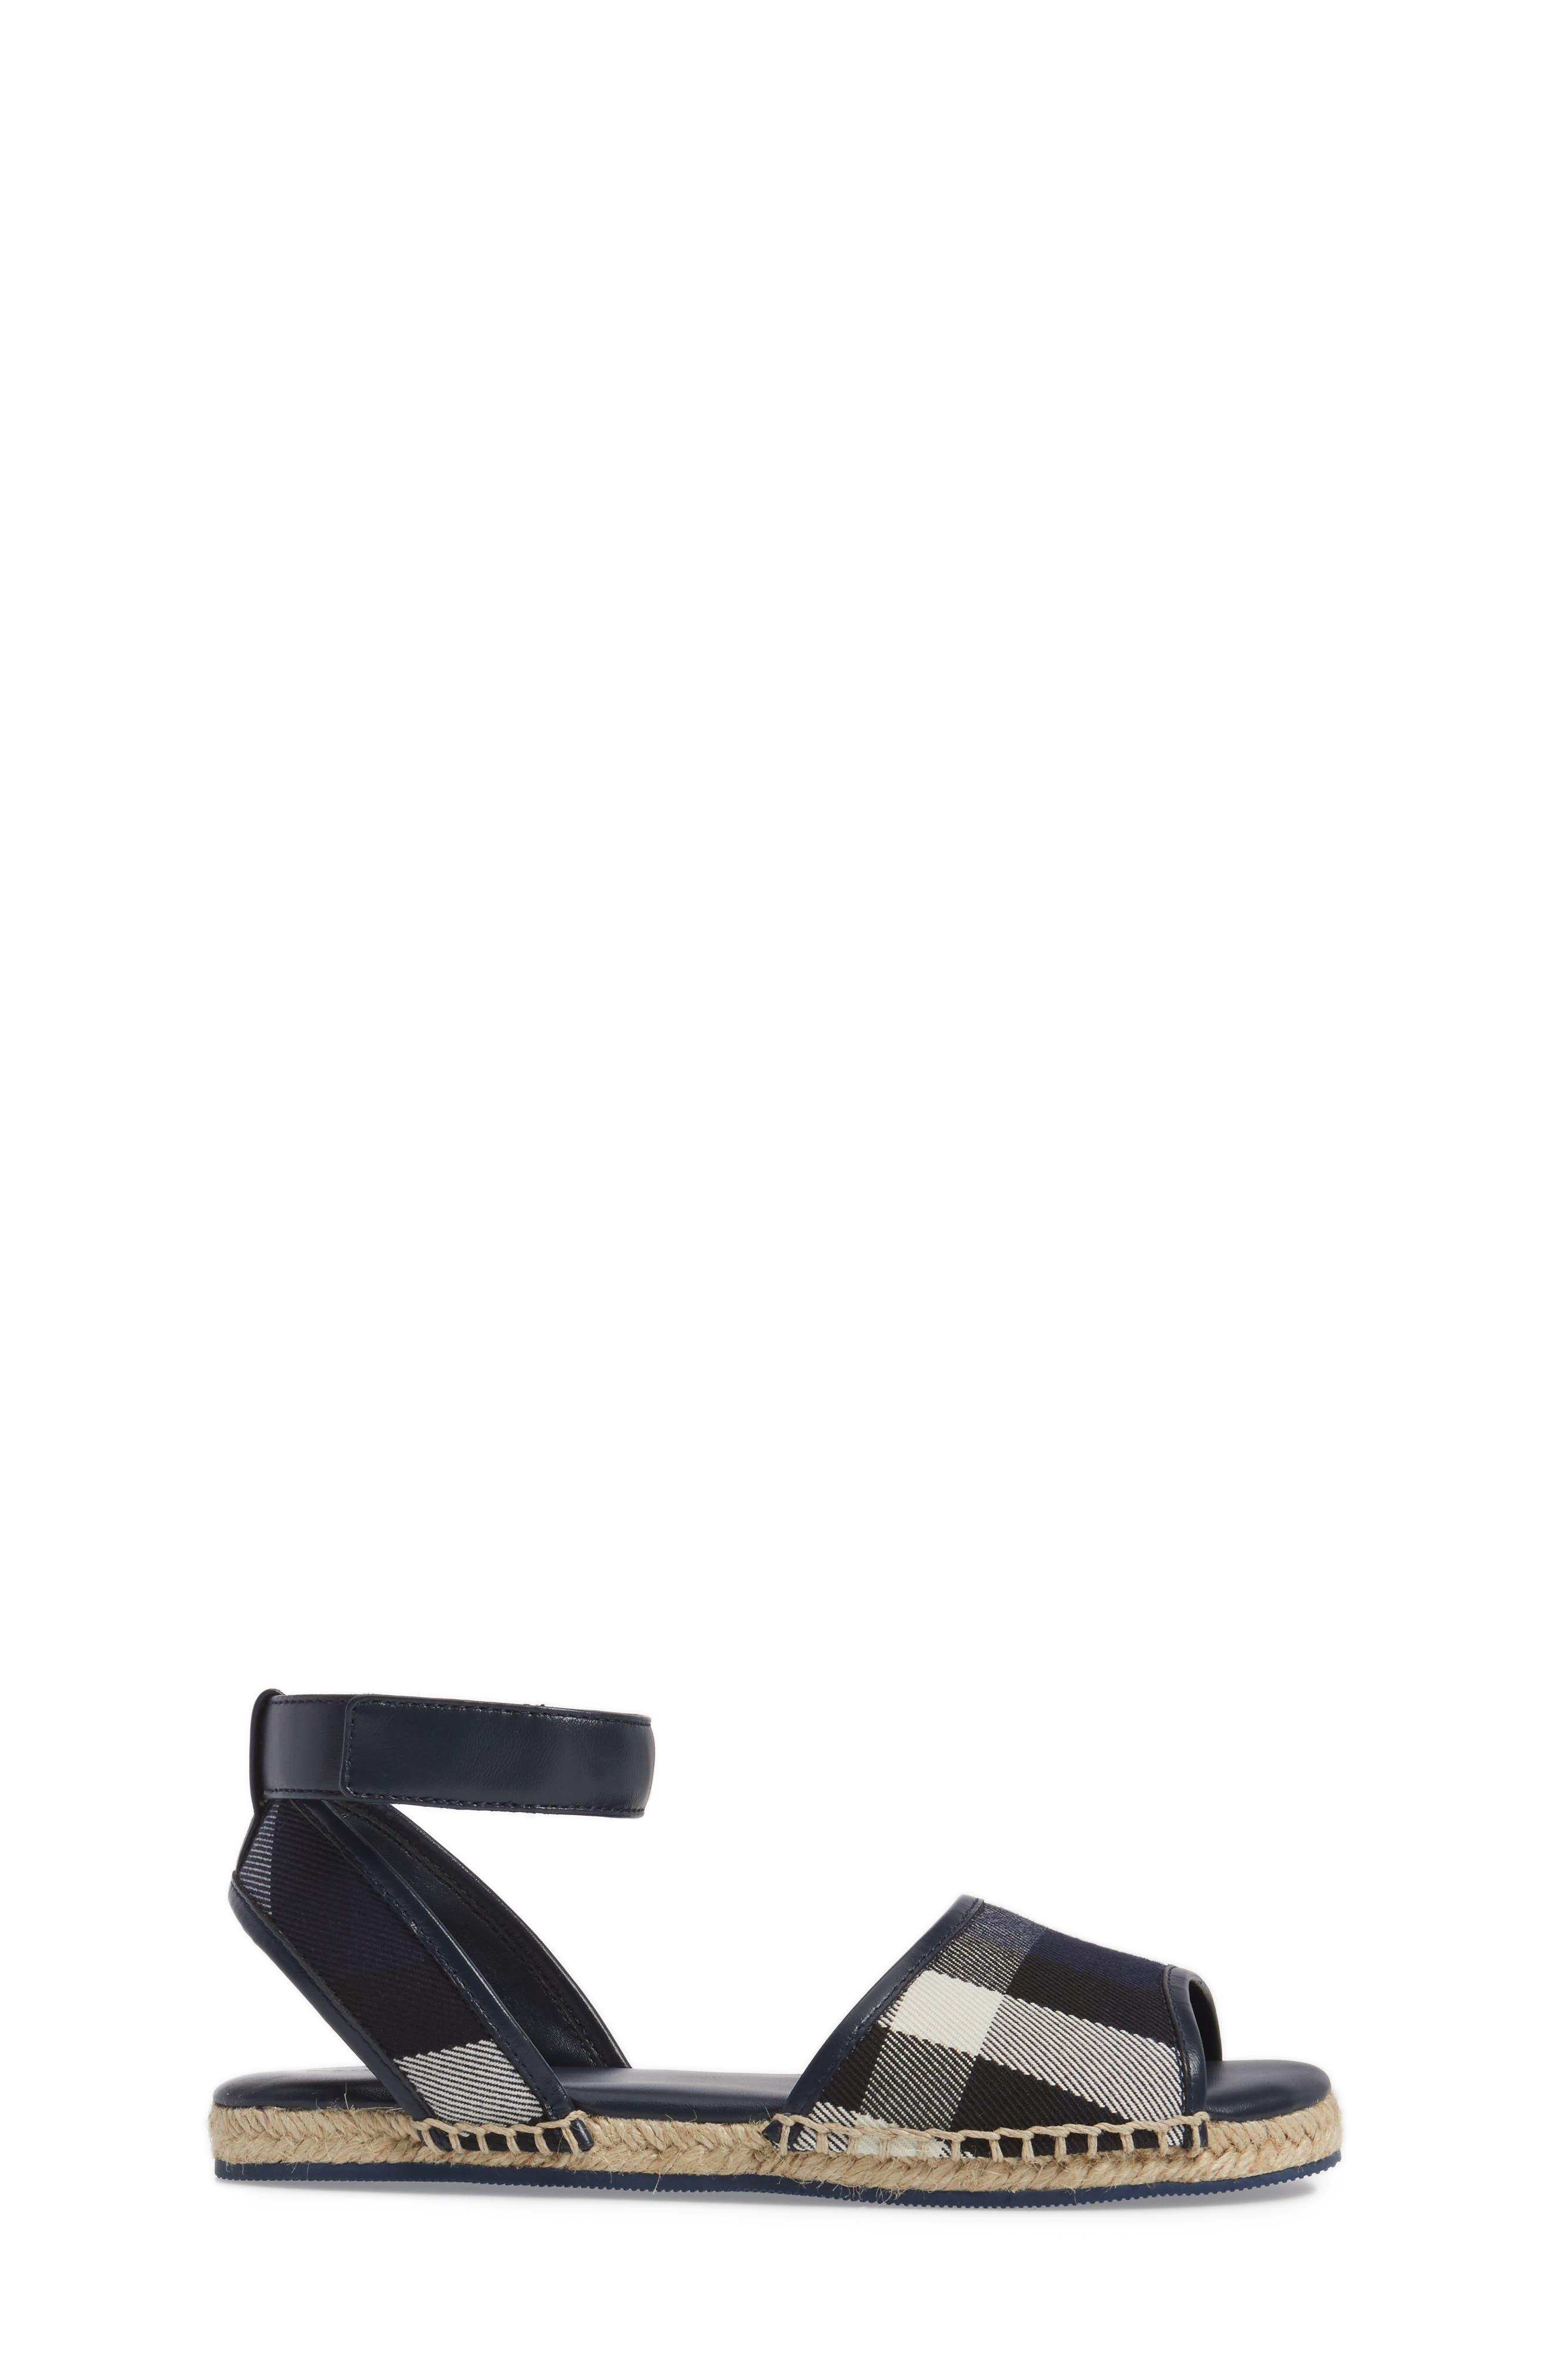 Alternate Image 3  - Burberry Livvy Ankle Strap Sandal (Walker, Toddler & Little Kid)